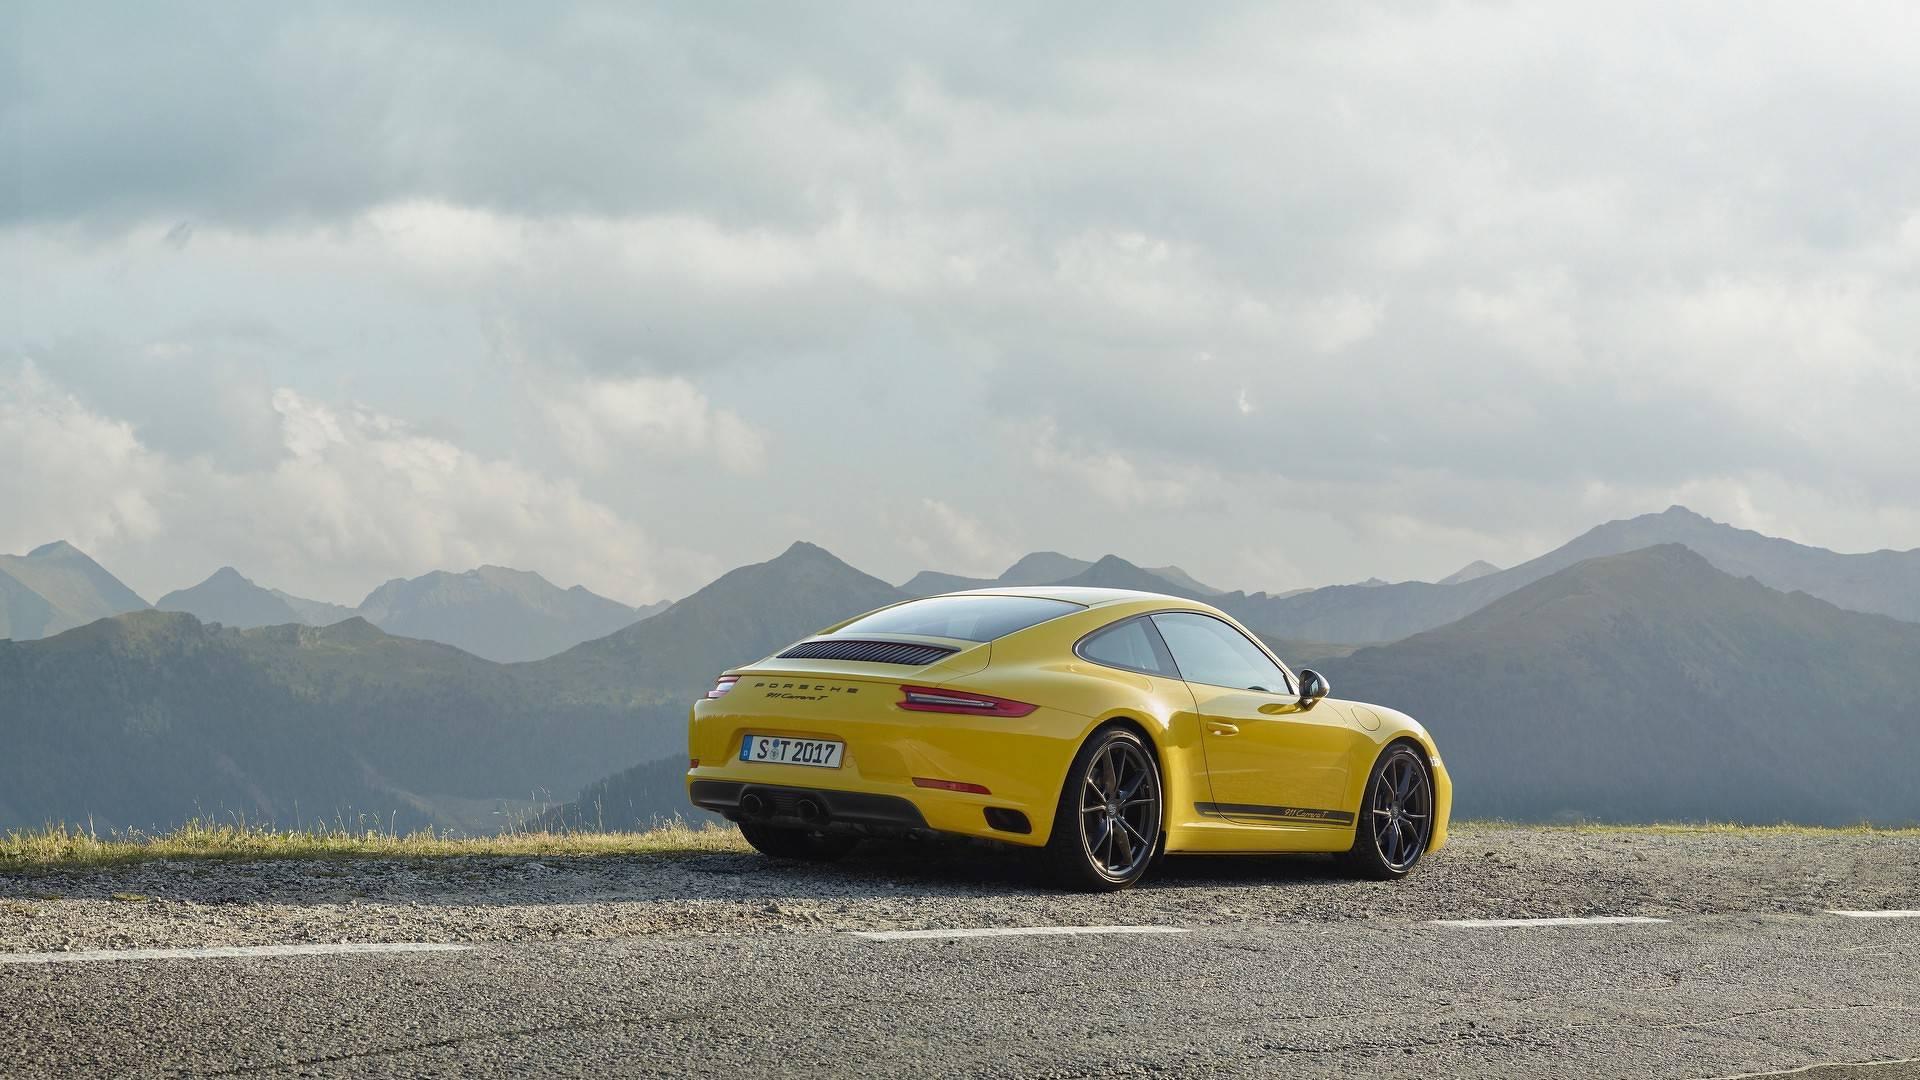 4b70328e60 Nouvelle Porsche 911 Carrera T (2018) - Fondement historique